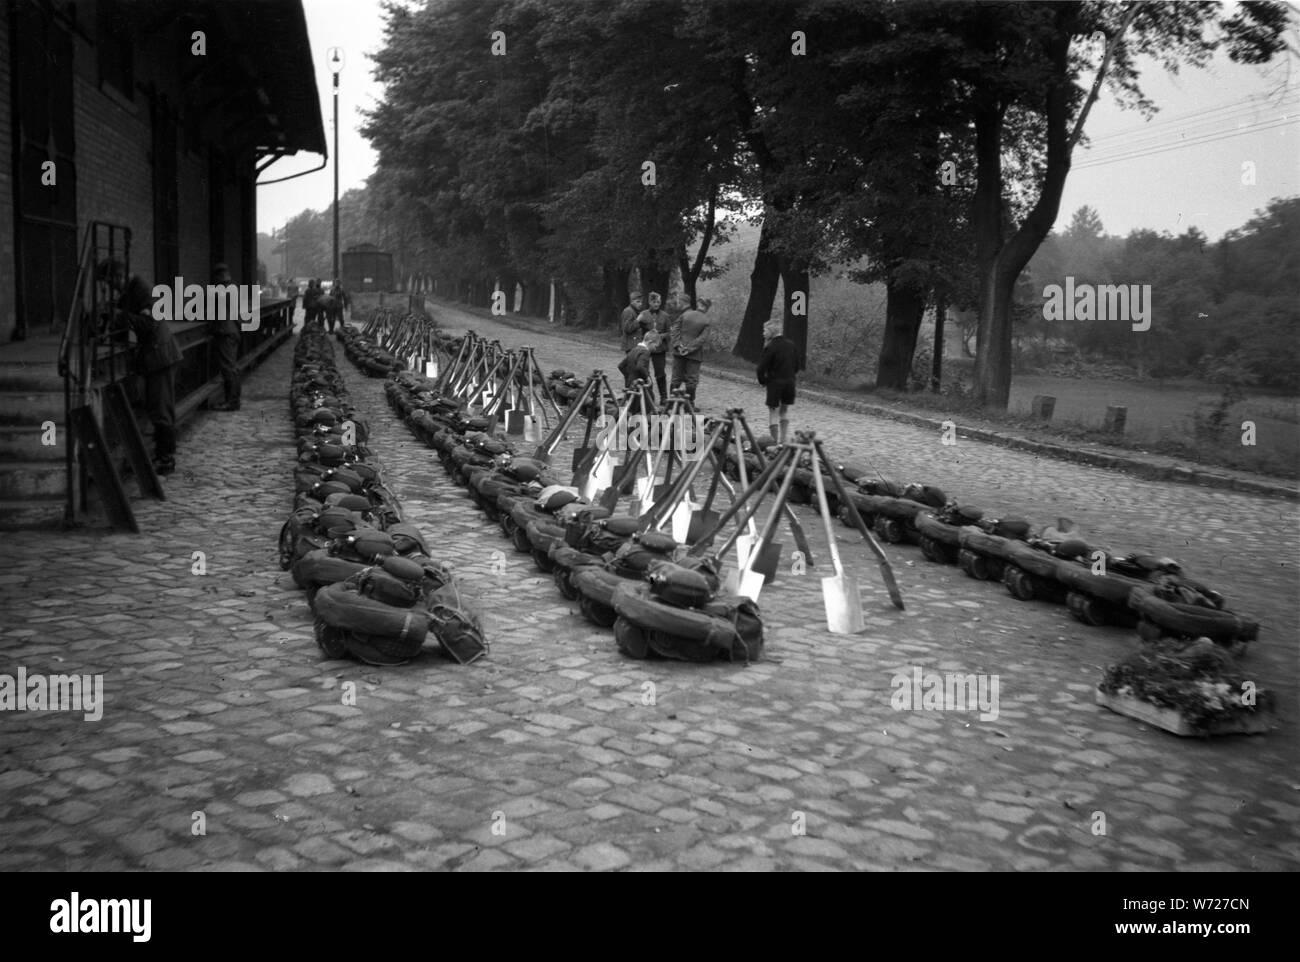 Reichsarbeitsdienst RAD Ausbildung - The Reich Labour Service Training School Stock Photo